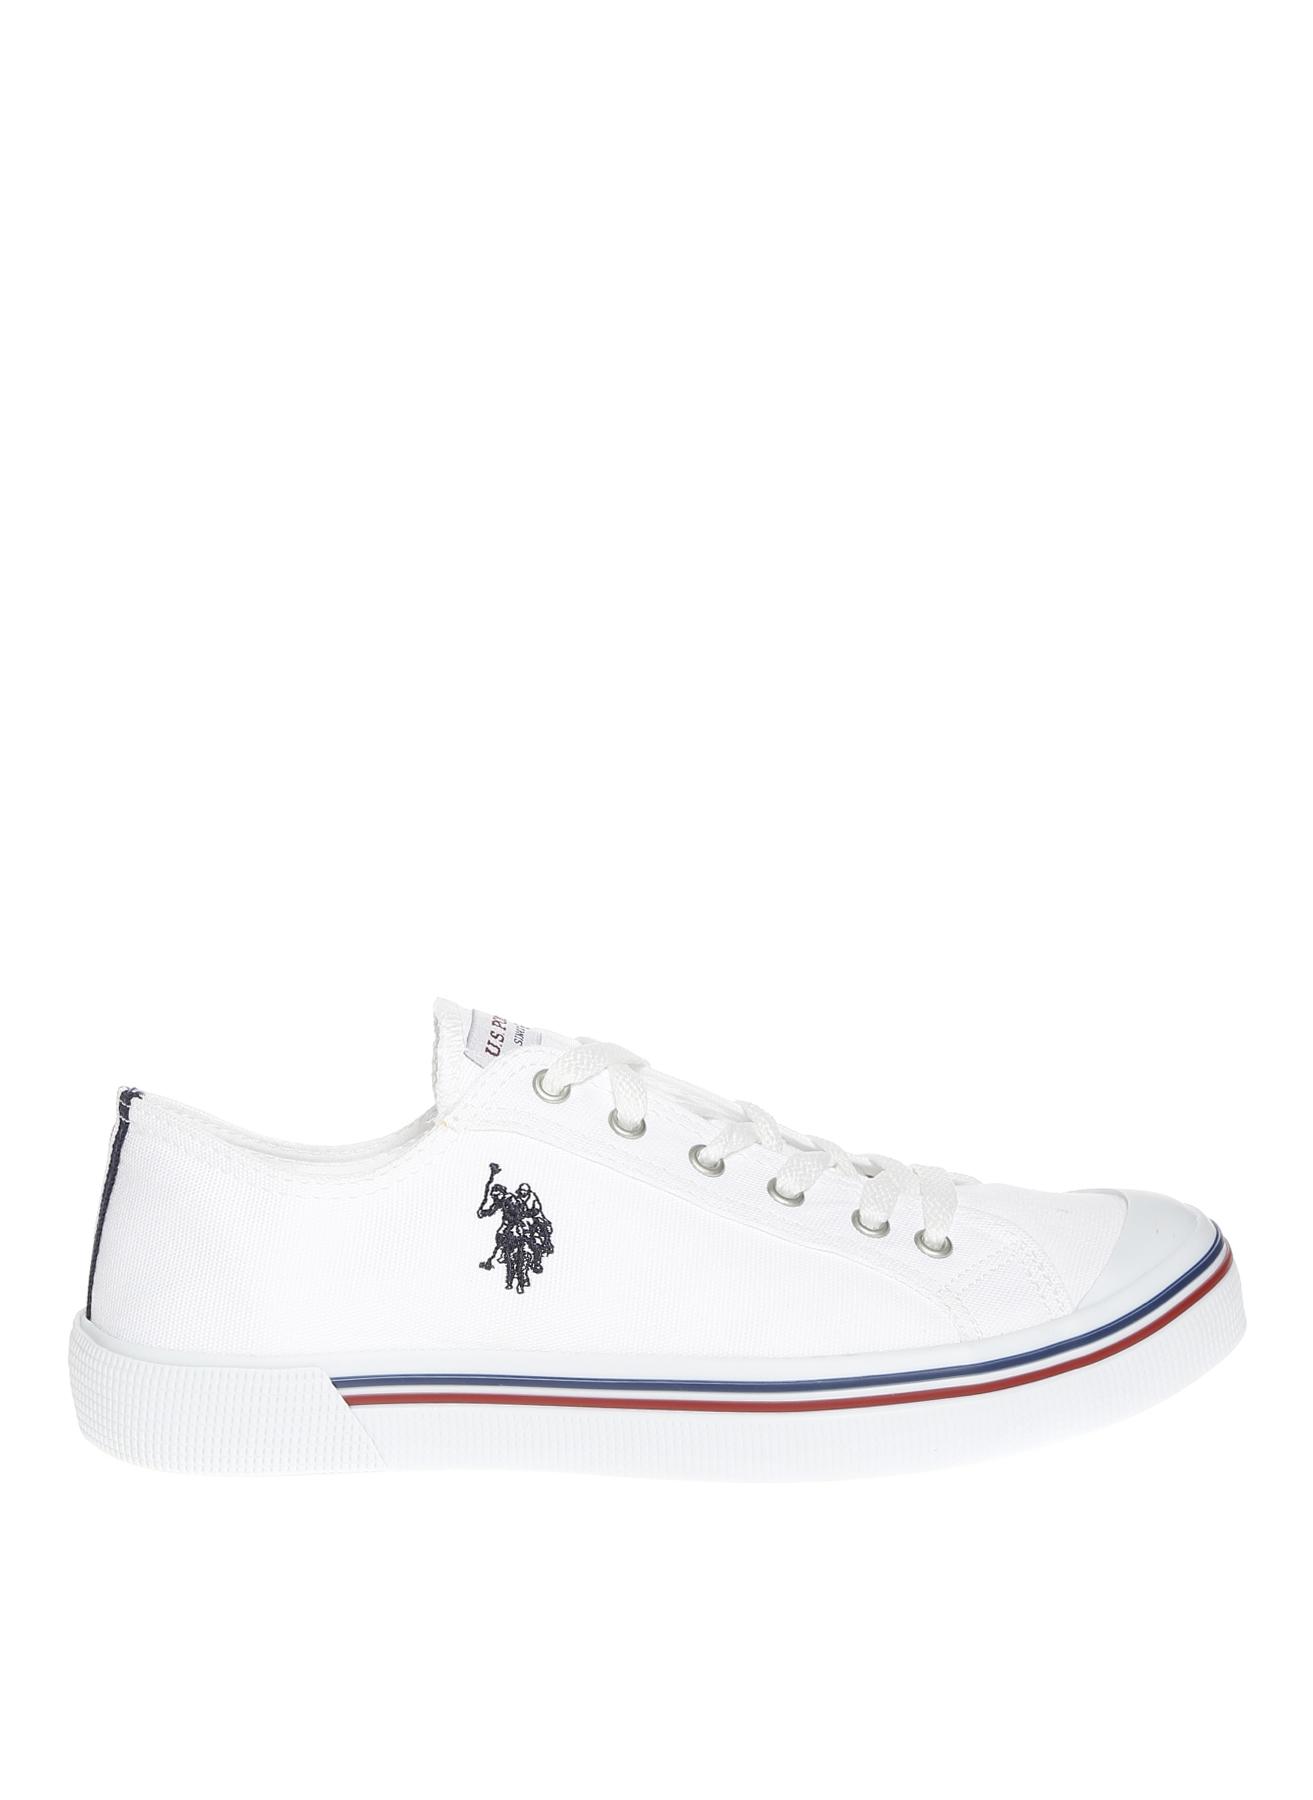 U.S. Polo Assn. Kanvas Beyaz Günlük Ayakkabı 41 5000428664002 Ürün Resmi